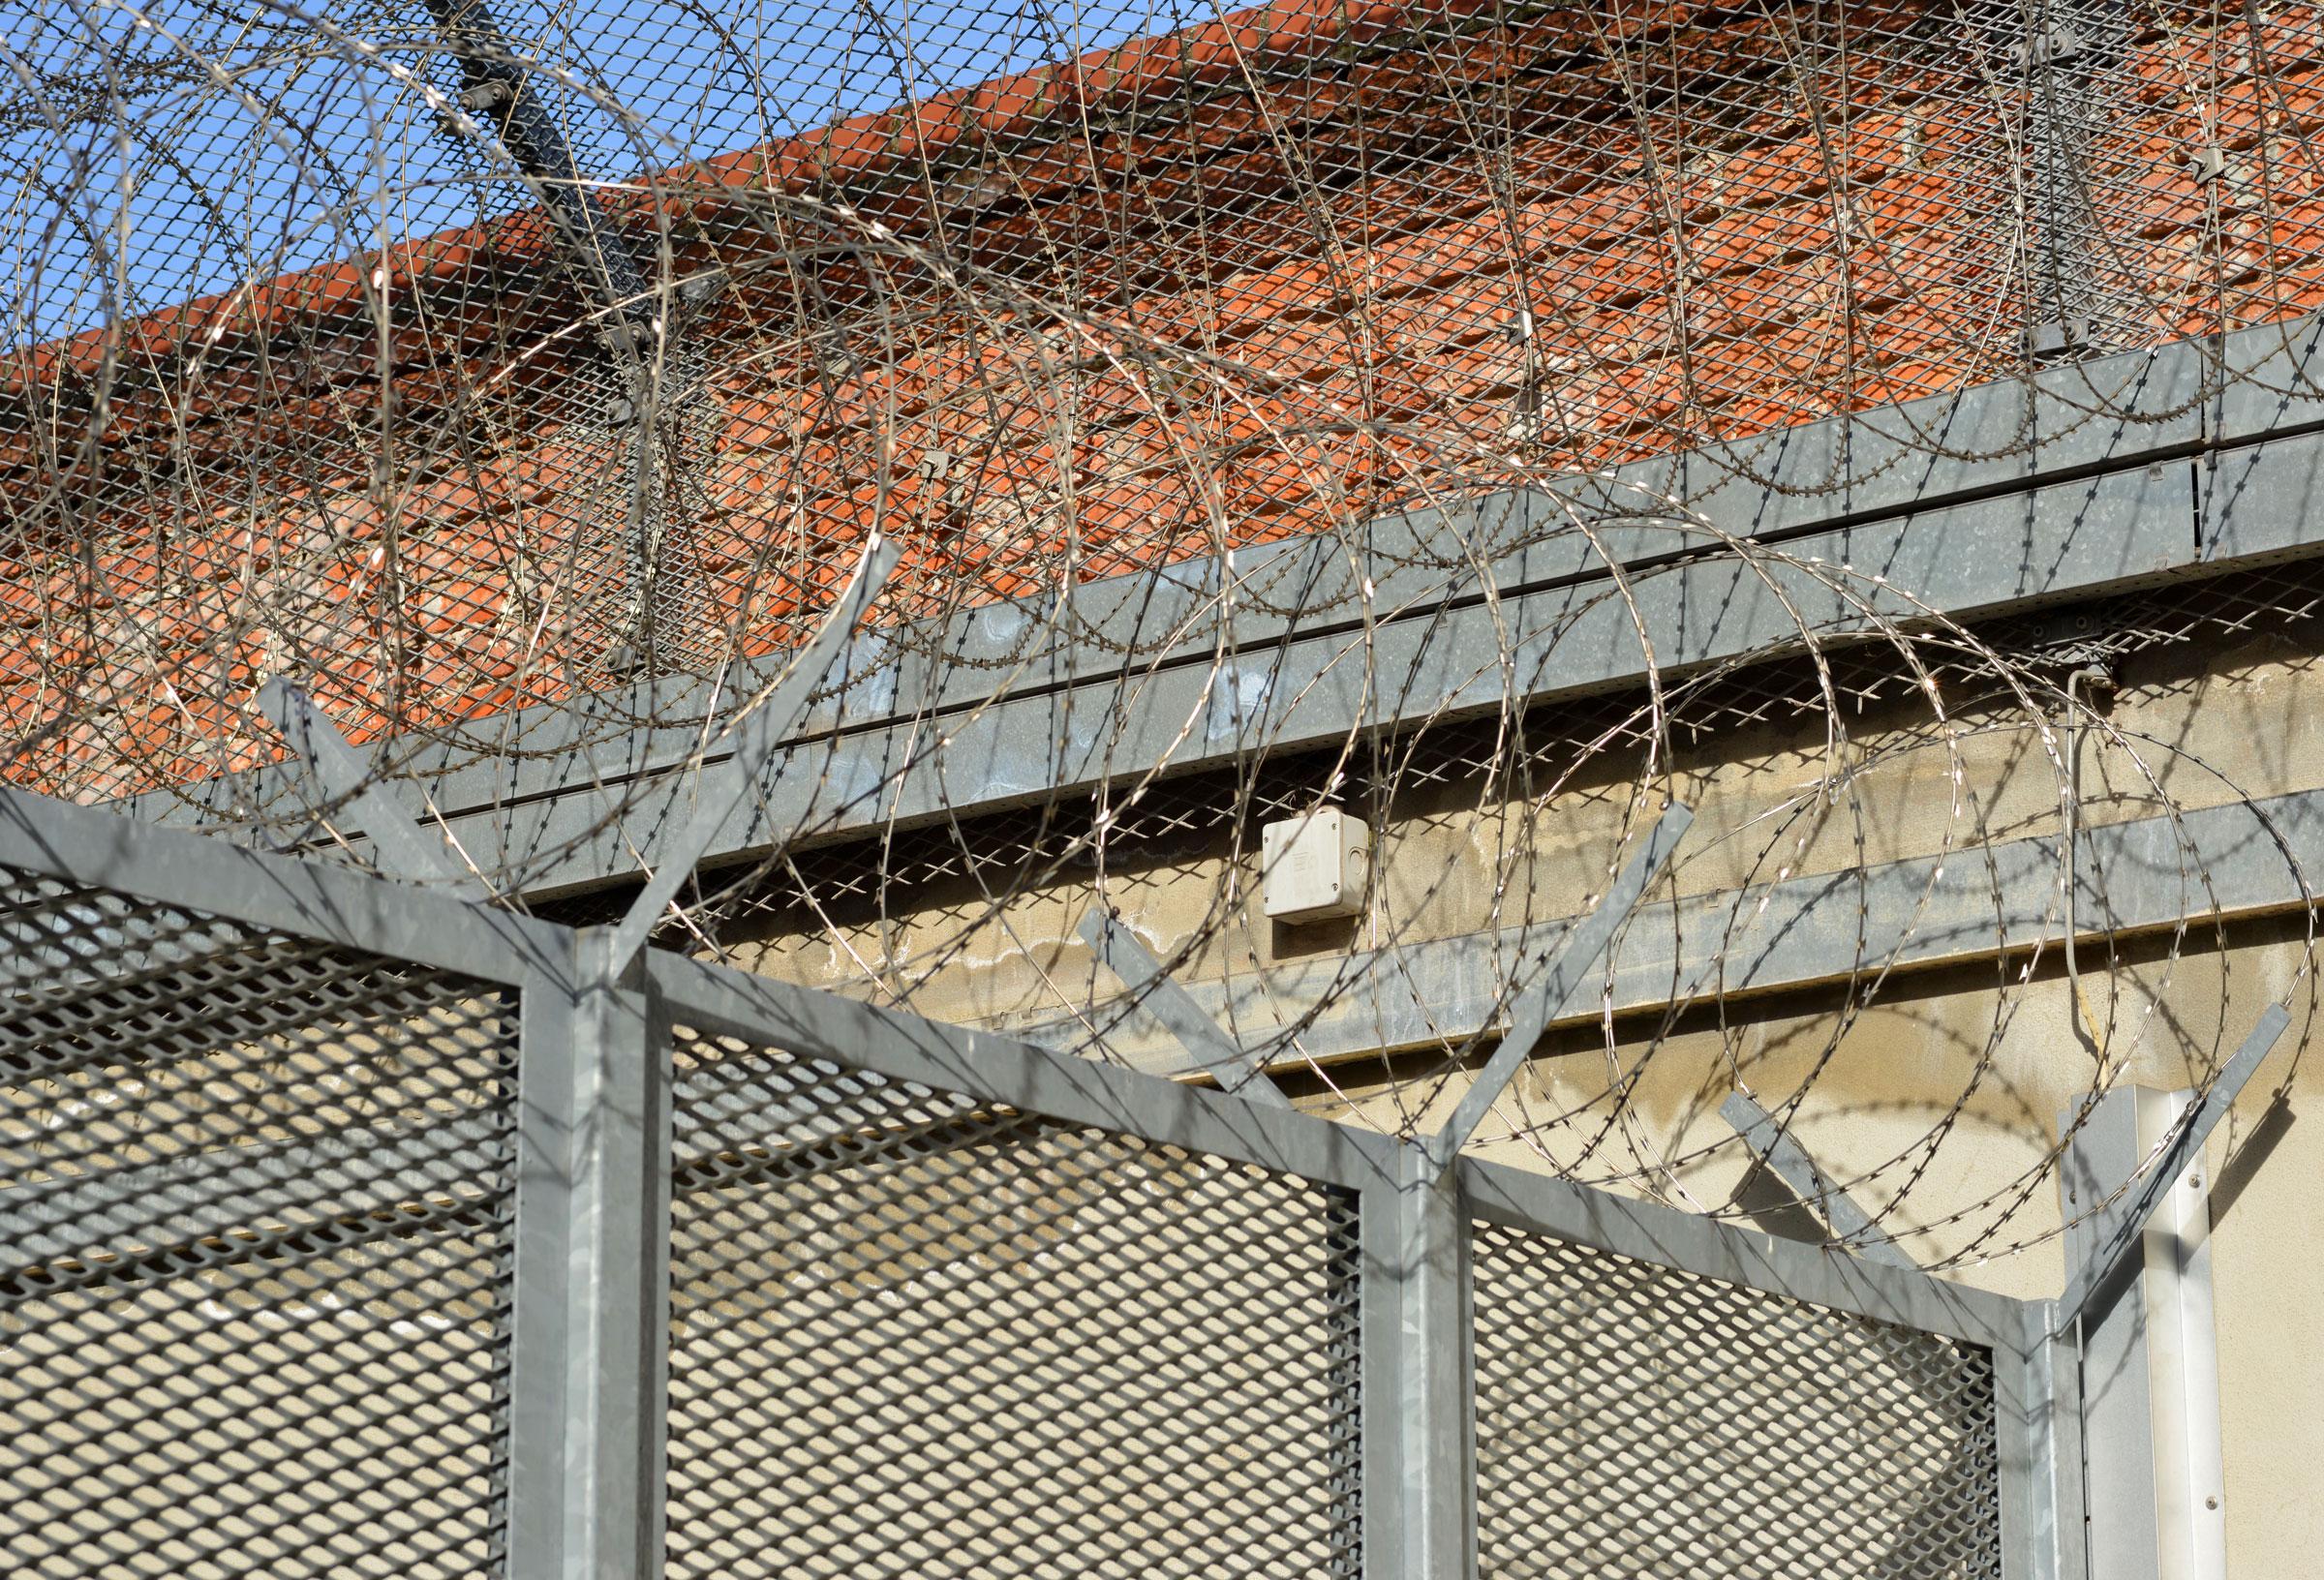 Baumann-Hasske: Therapiebedingungen auch im Jugendstrafvollzug sicherstellen